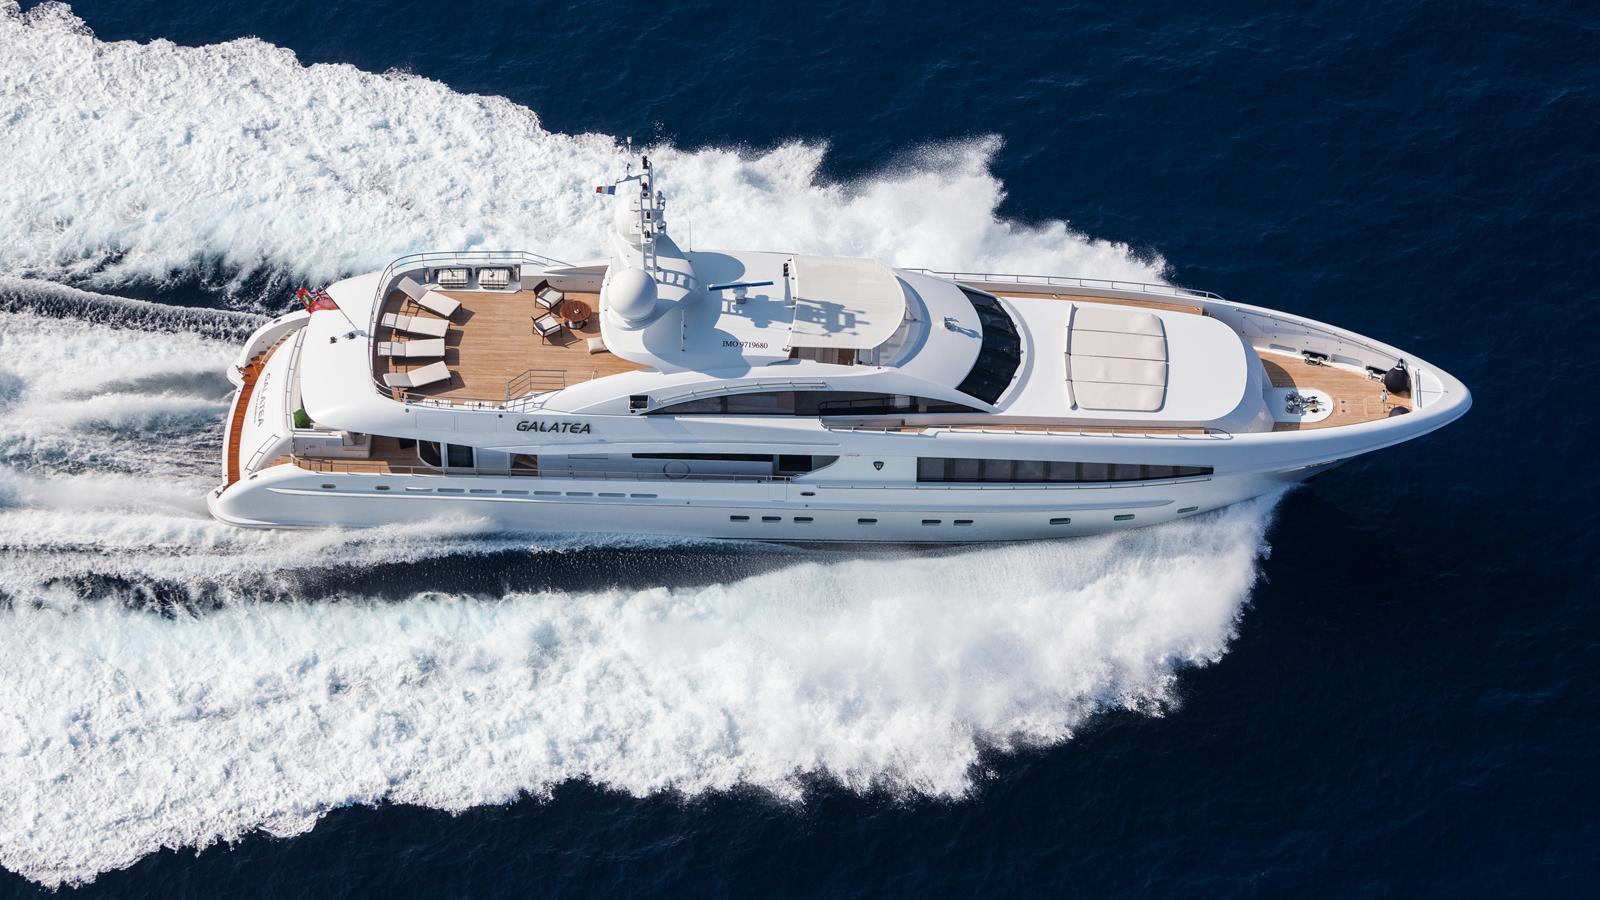 taurica-motor-yacht-heesen-2014-40m-aerial-cruising